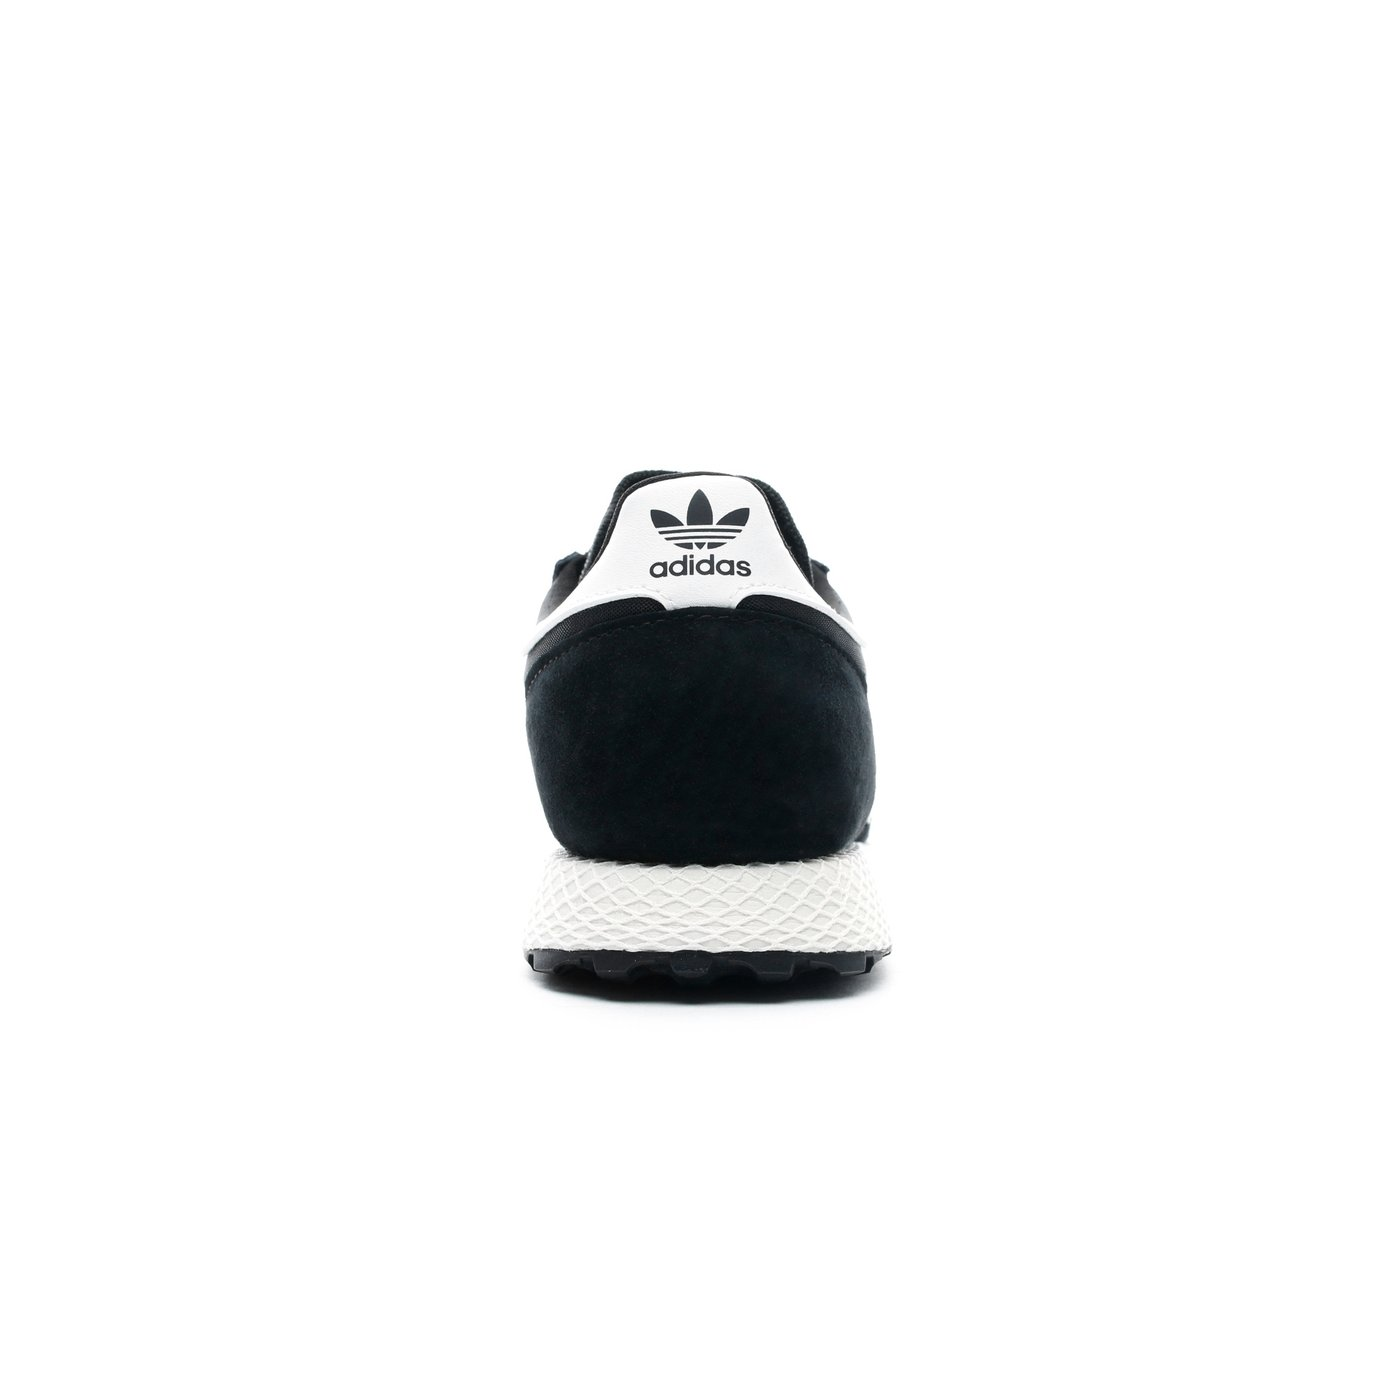 adidas Forest Grove Erkek Siyah Spor Ayakkabı